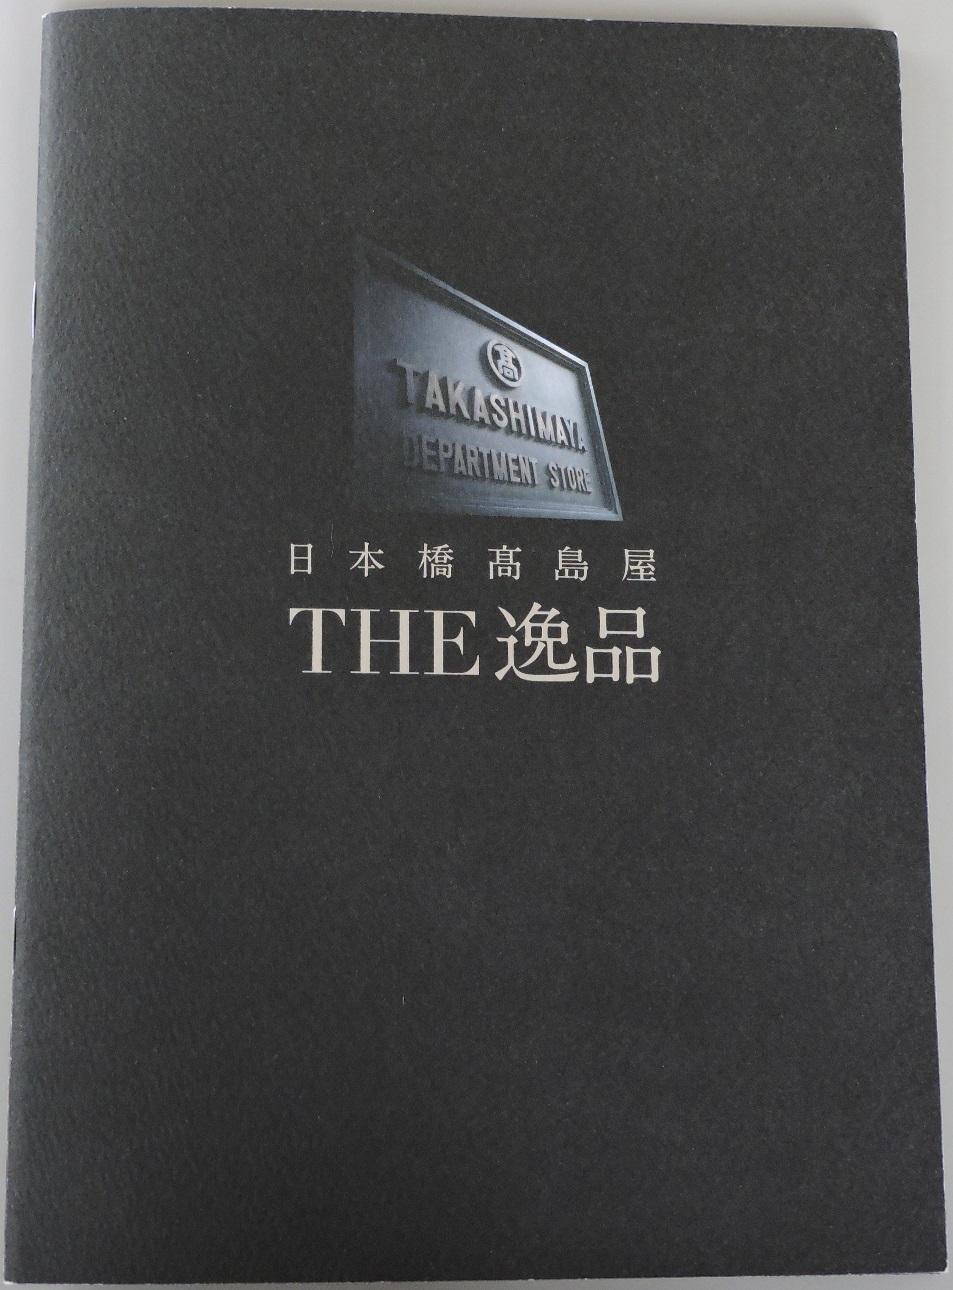 日本橋髙島屋 THE逸品に蔵囲利尻昆布が掲載されました。